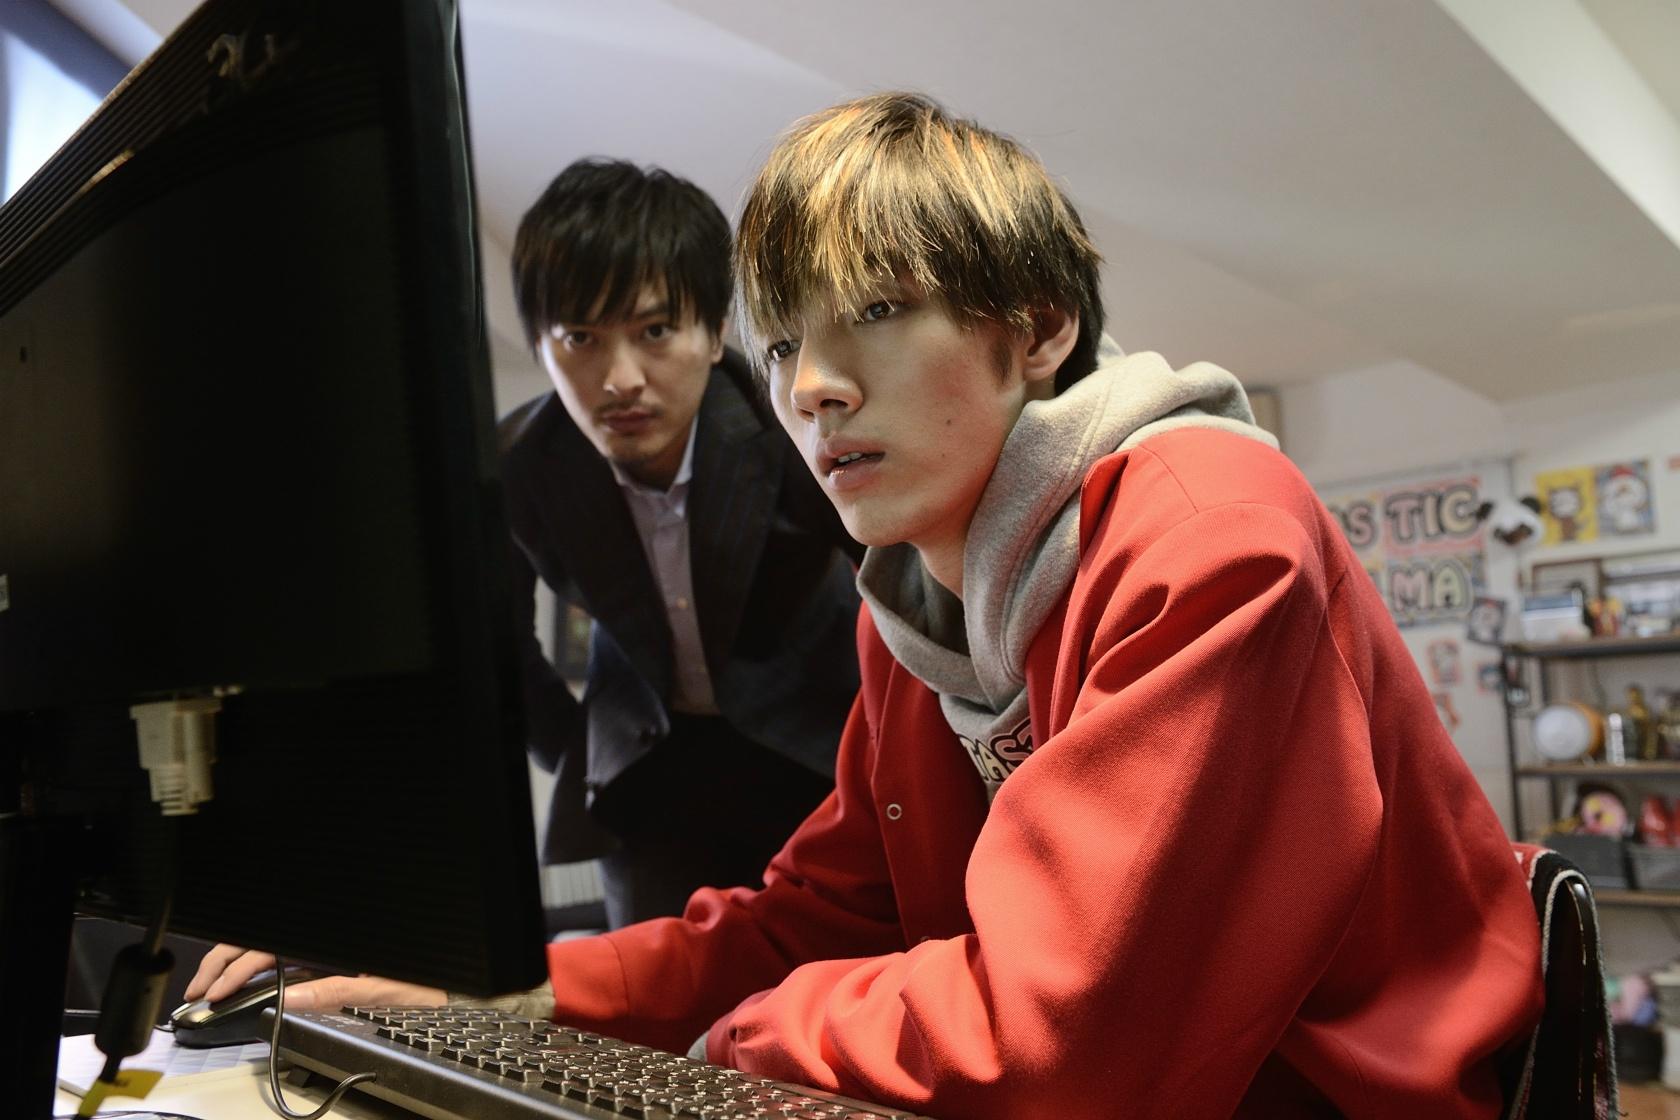 茉優の弟・和真は心霊動画を撮影してYouTubeに投稿するのだが…